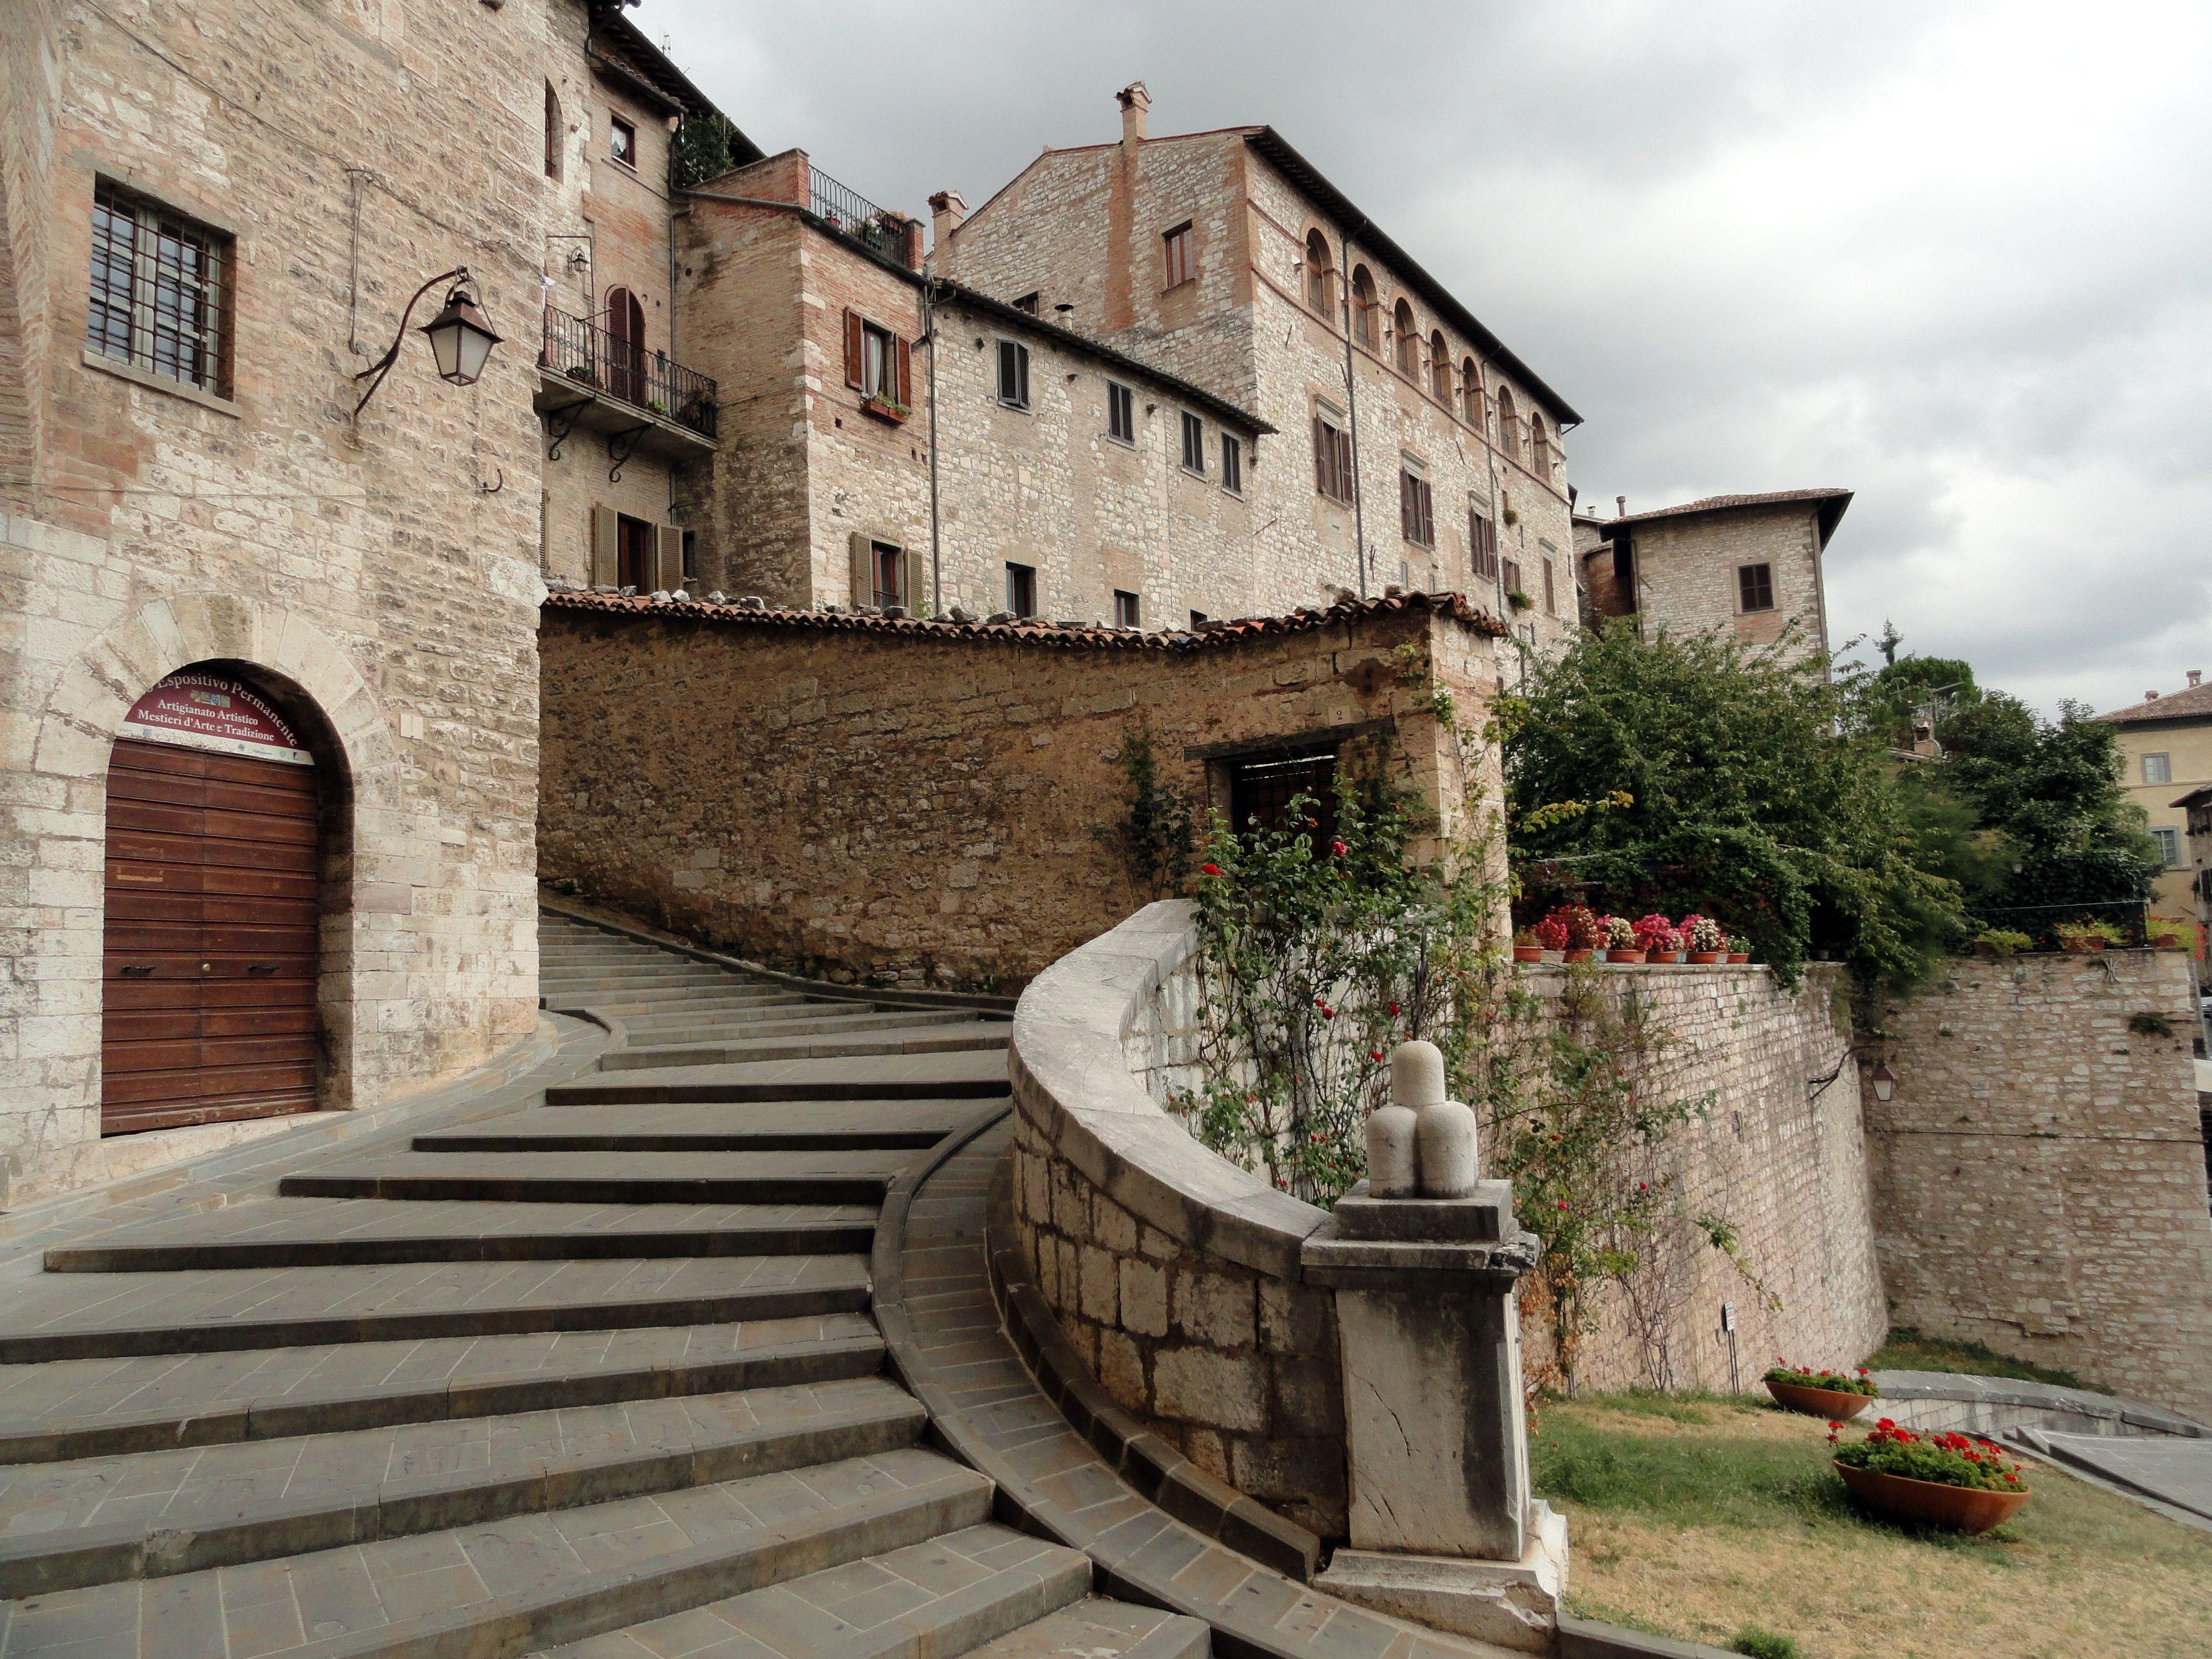 Gubbio Perugia (Italy) Italia, Luoghi da visitare e